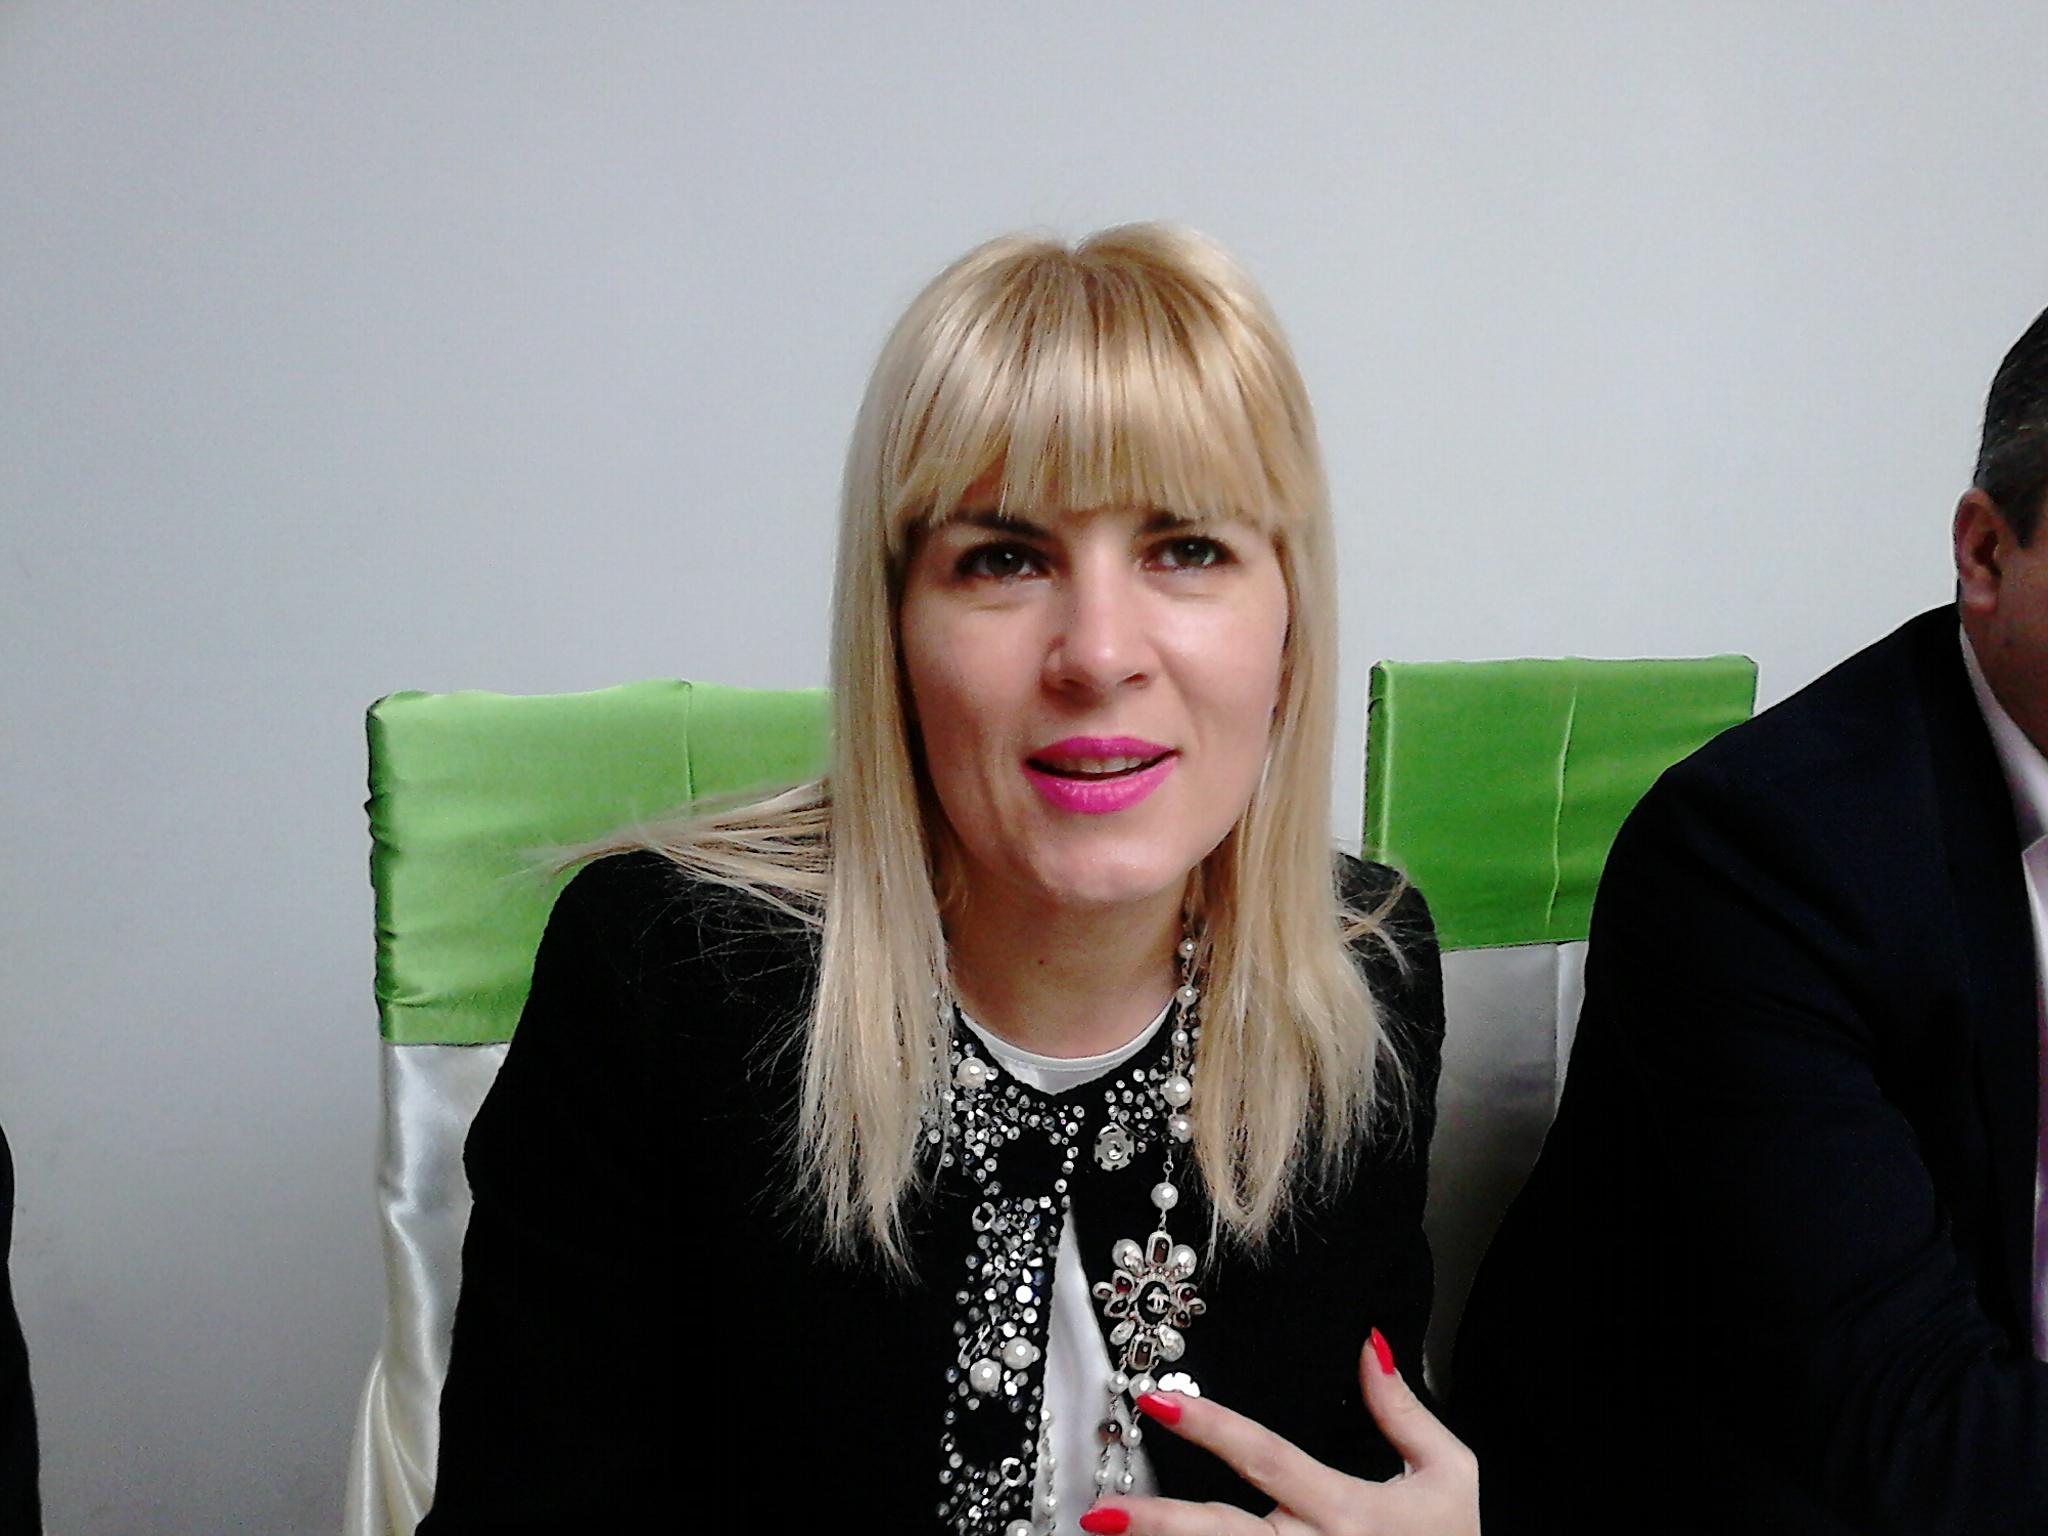 """Elena Udrea: """"Voi fi mai mult decât urmaşa lui Traian Băsescu. Voi numi un nou Guvern, voi dizolva Parlamentul şi voi genera o nouă clasă politică""""!"""